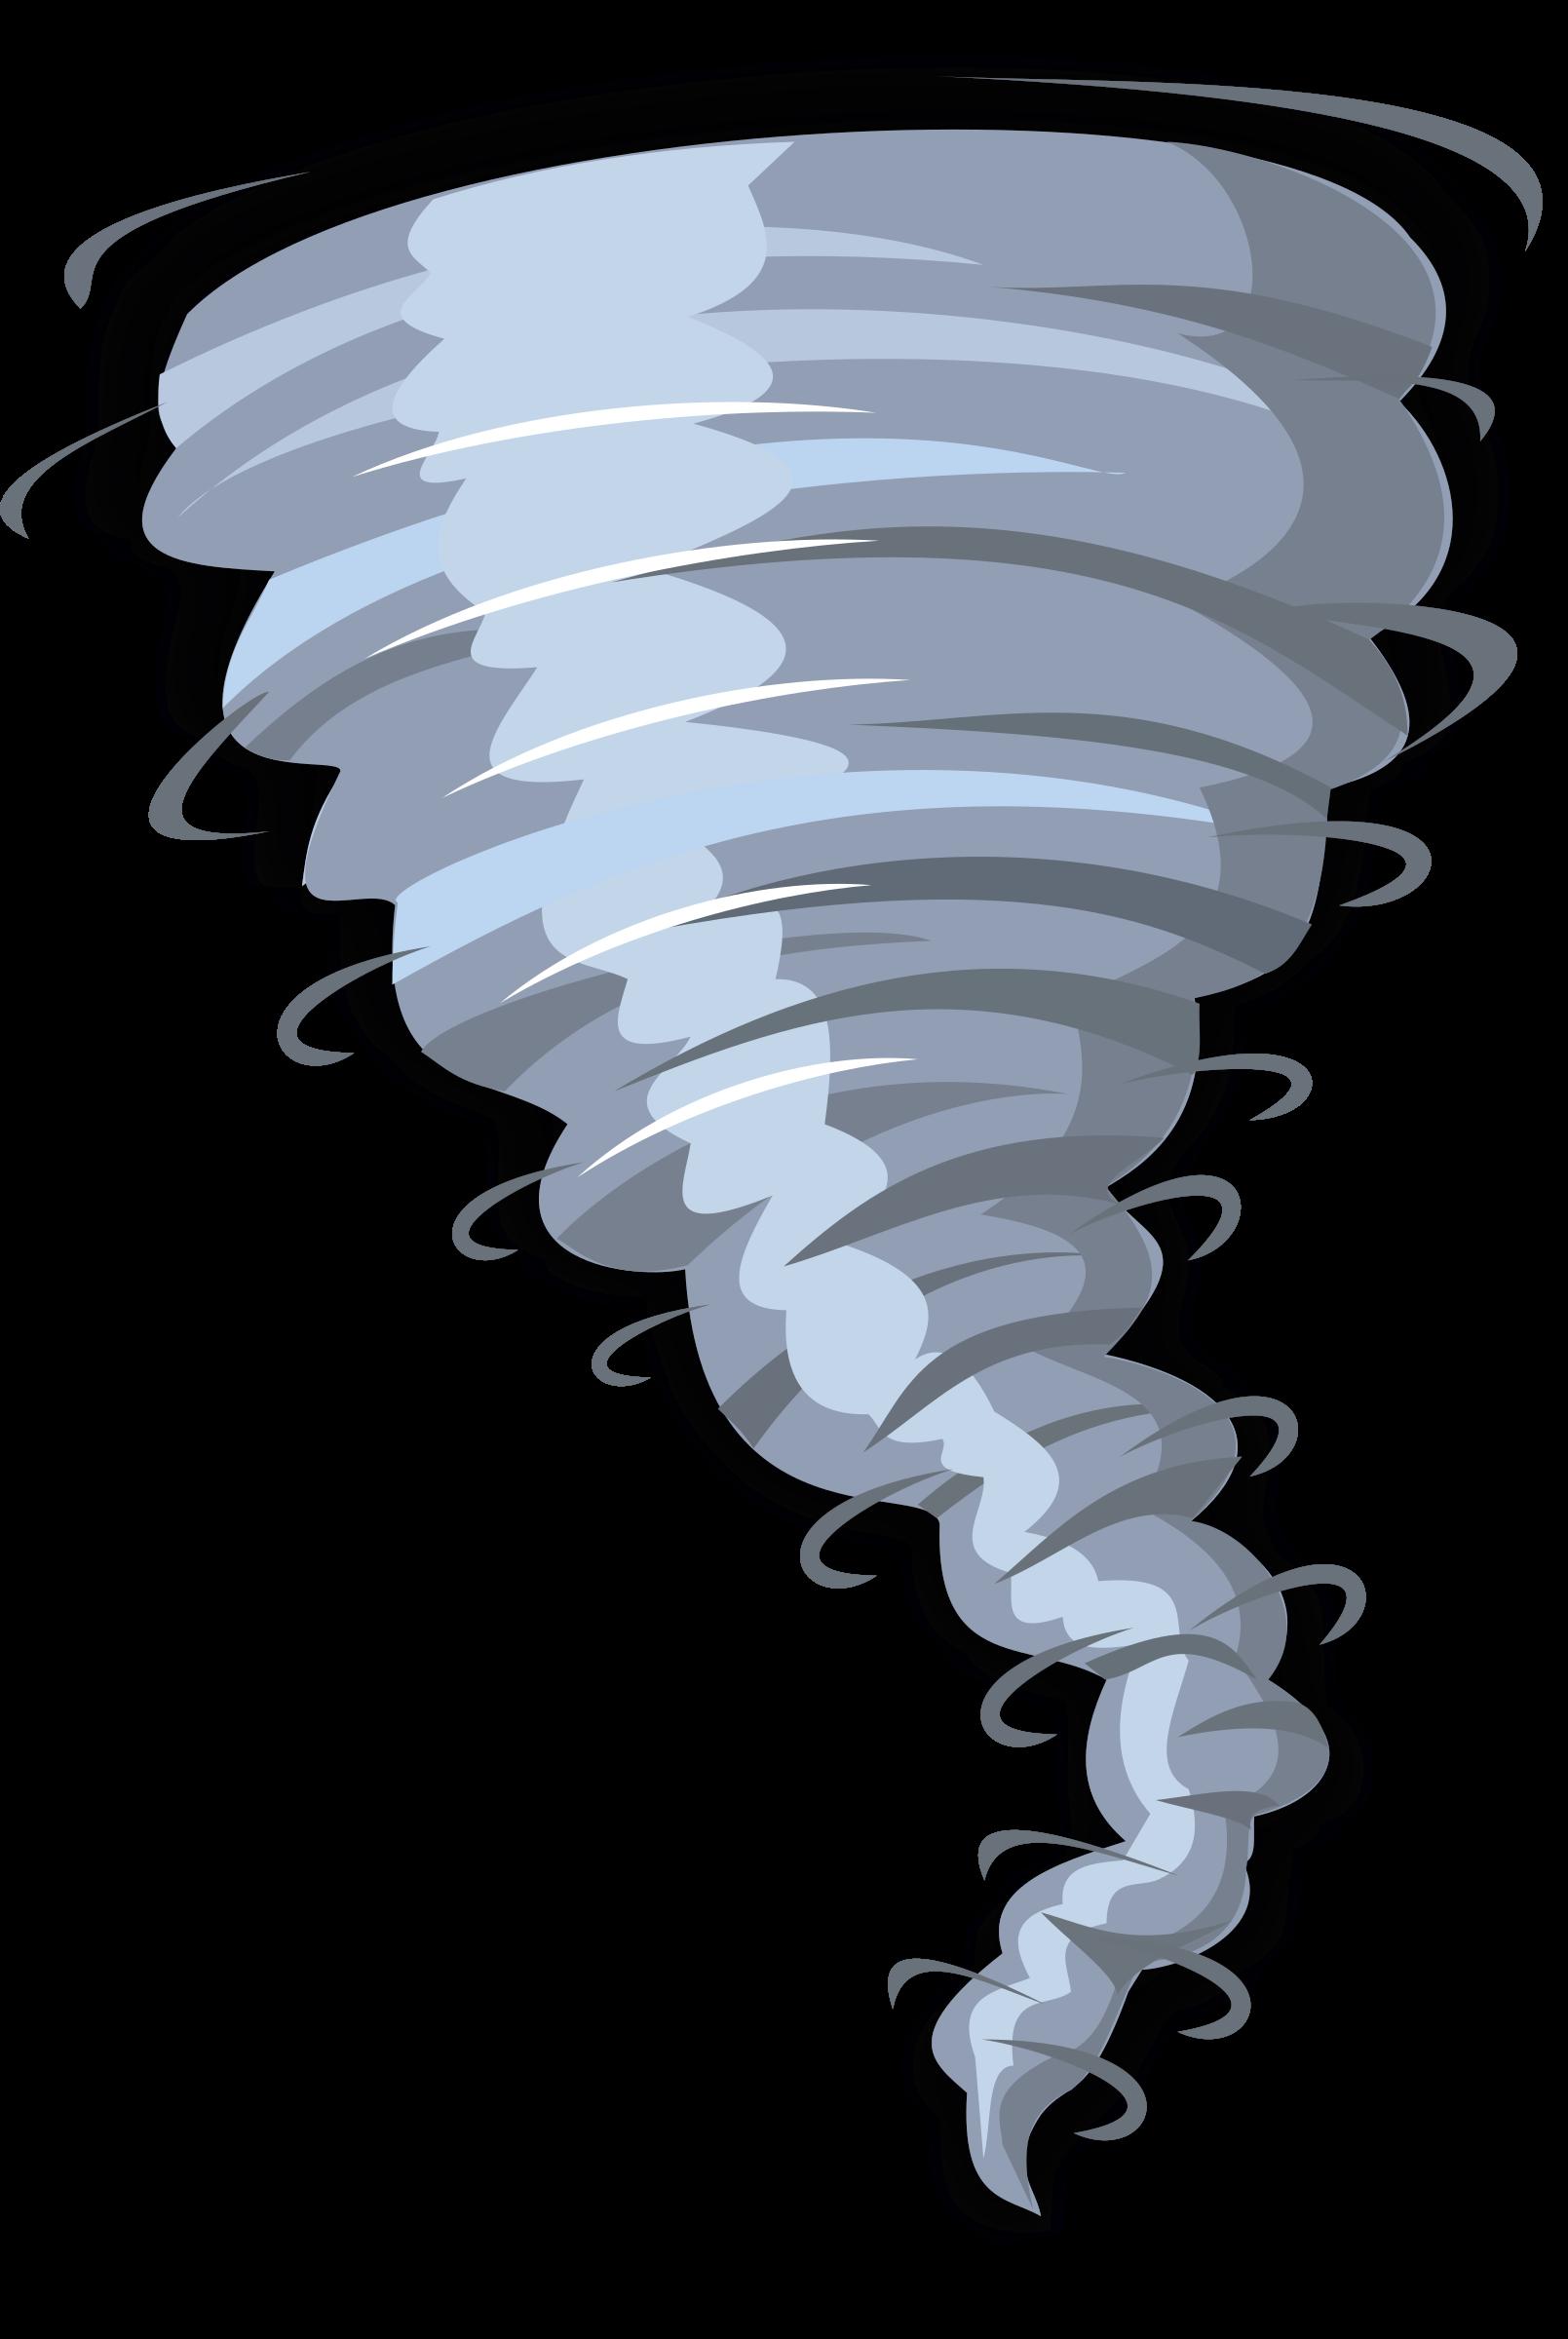 Tornado Clip Art Free Download - 486.4KB